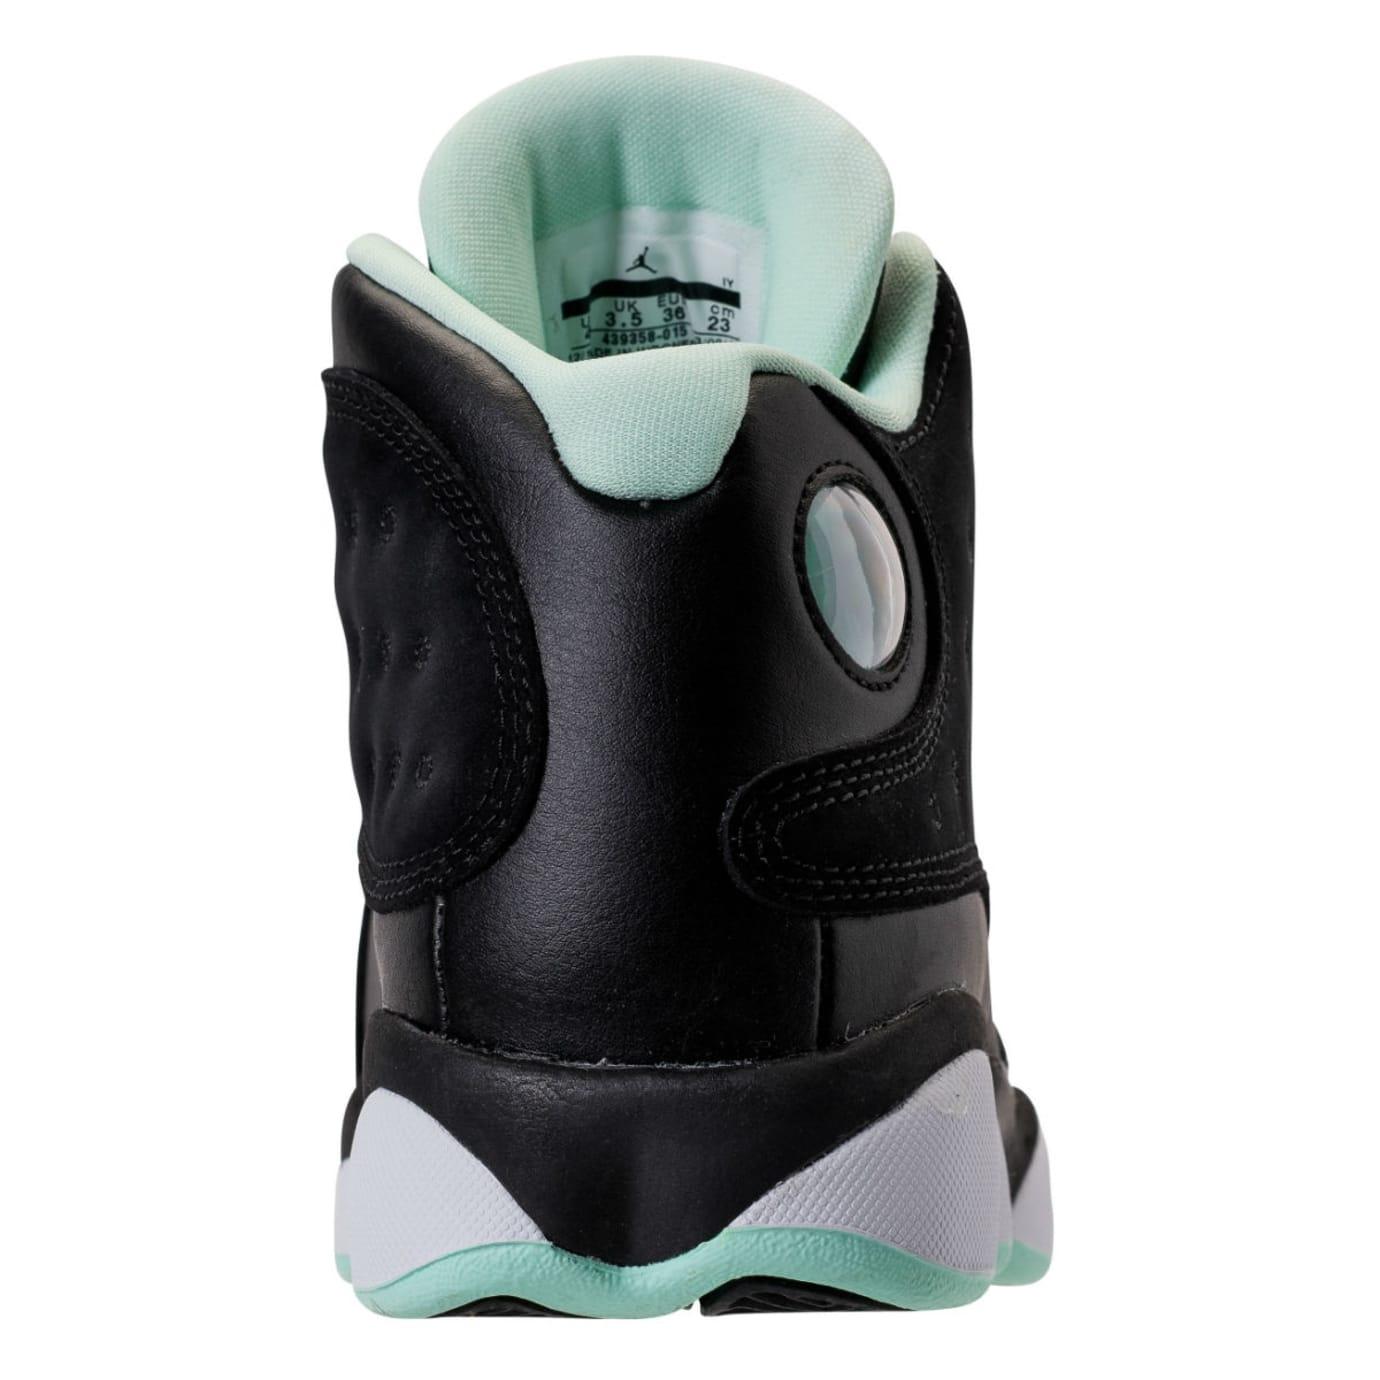 Air Jordan 13 GS Mint Foam Release Date Heel 439358-015